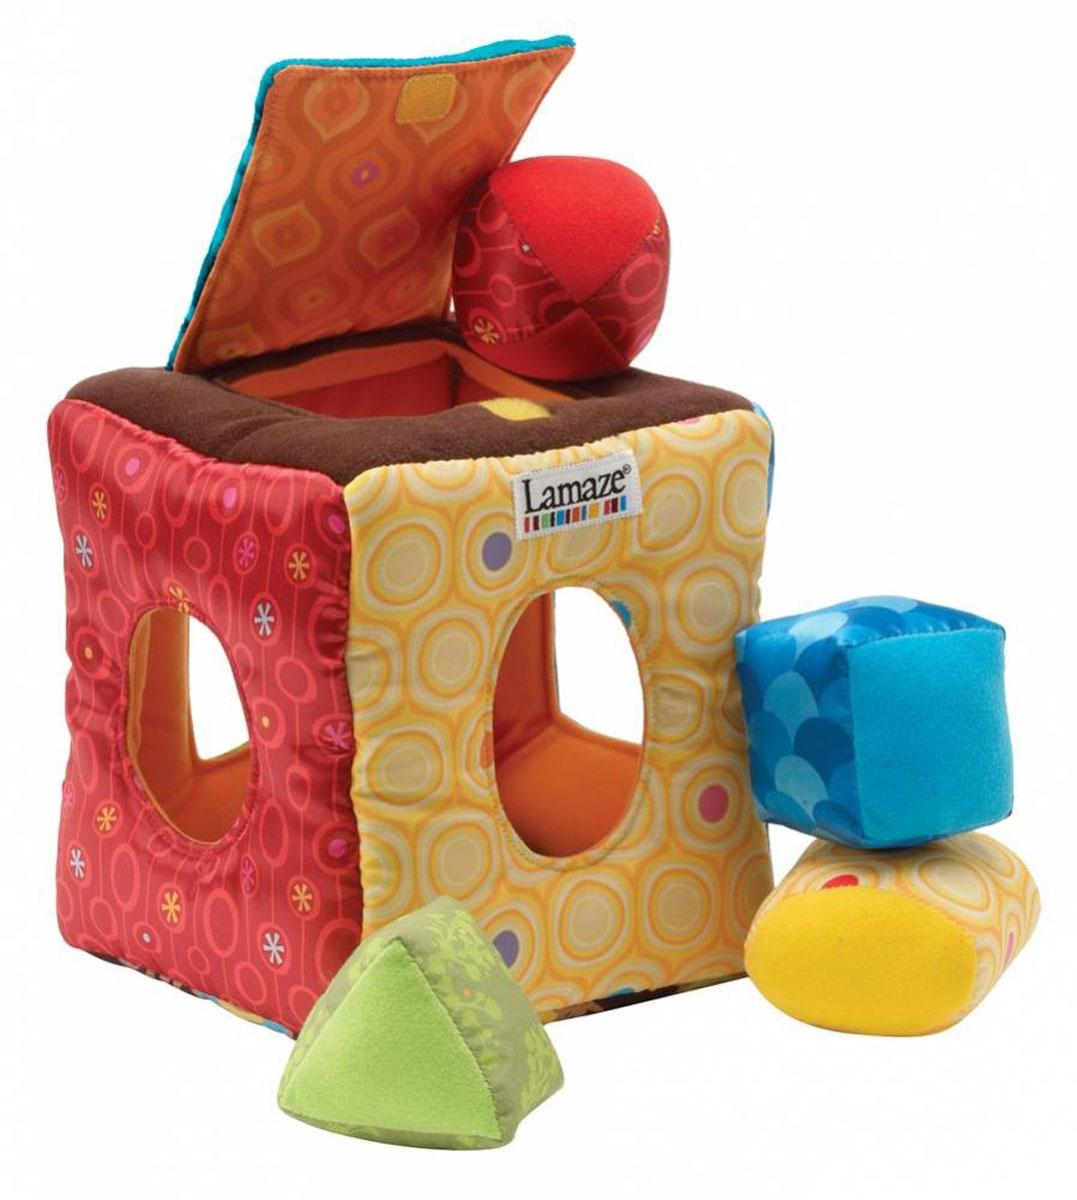 Tomy СортерLC27310AСортер Tomy - это классическая игрушка для развития самых маленьких детей. Каждая из четырех сторон выполнена в различной цветовой гамме. В стенках сортера имеются отверстия разных форм, а сверху - крышка на липучке. В комплект входят 4 мягкие фигурки - квадрат, треугольник, круг и овал. Задача малыша - найти для каждой фигурки свое отверстие. Когда все фигурки собраны, их можно легко вытащить наружу и играть снова! Сортер познакомит малыша с новыми формами и поможет в развитии логического мышления.